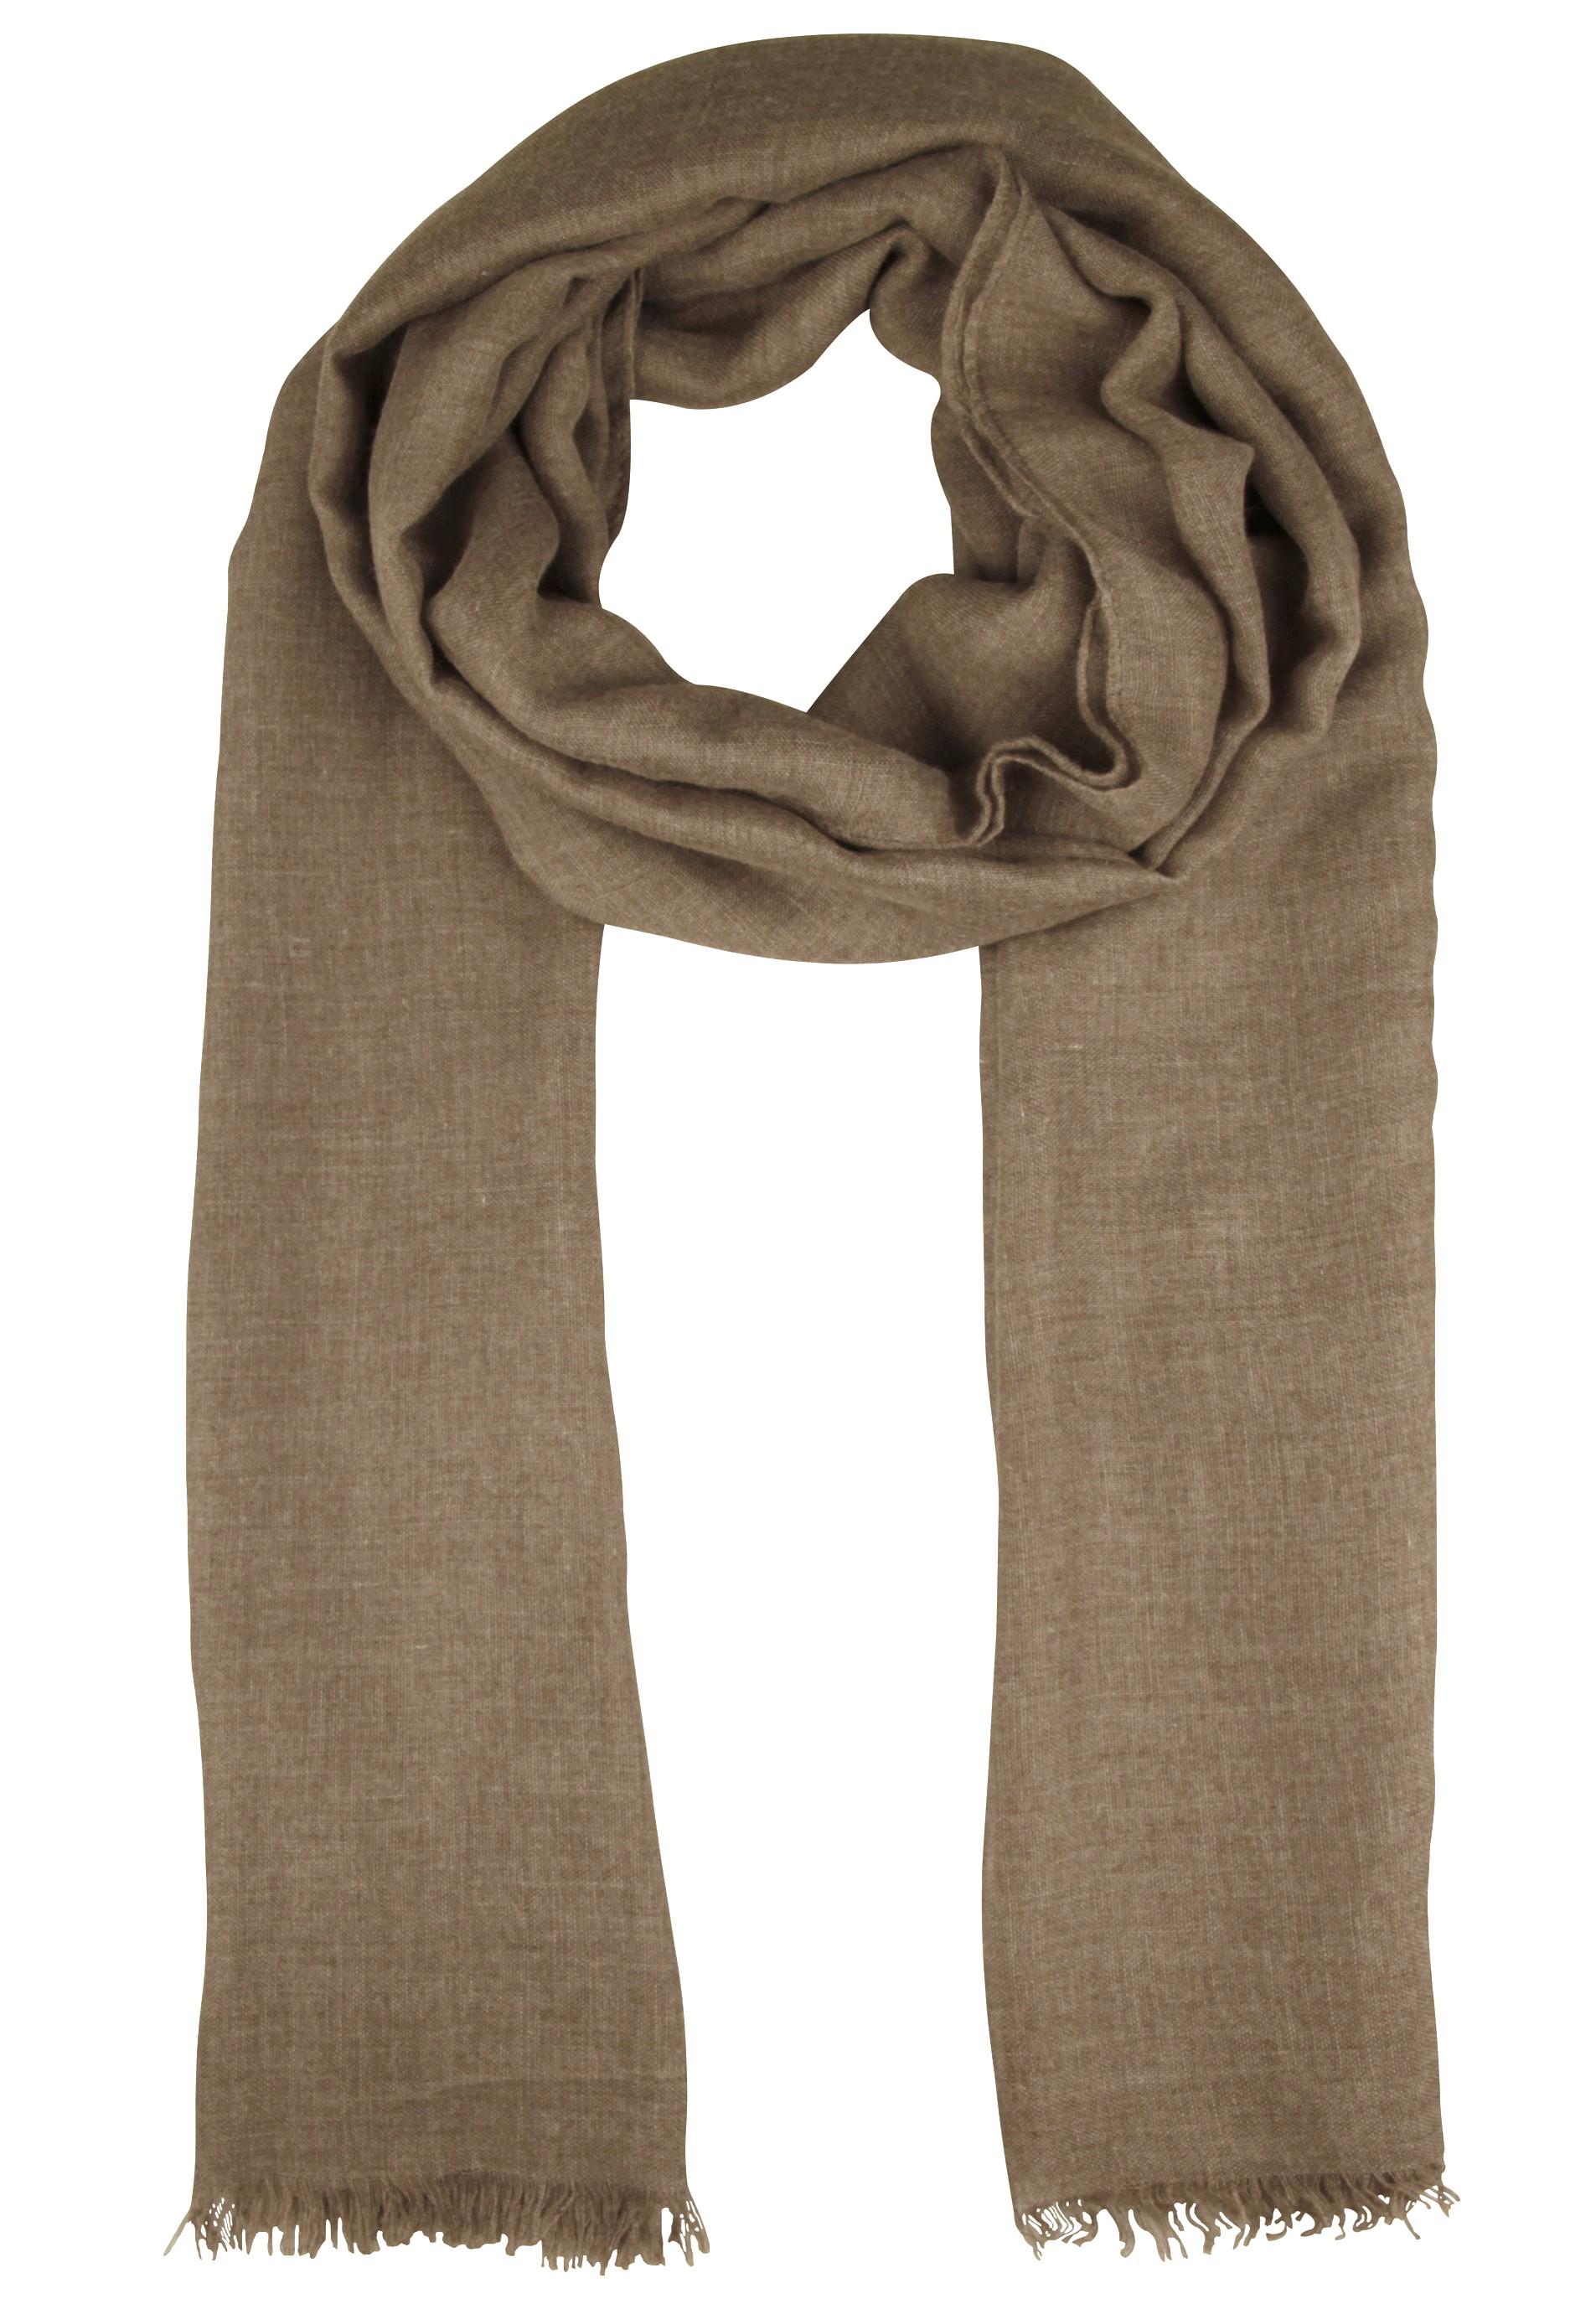 Angenehm weicher Schal mit Fransen